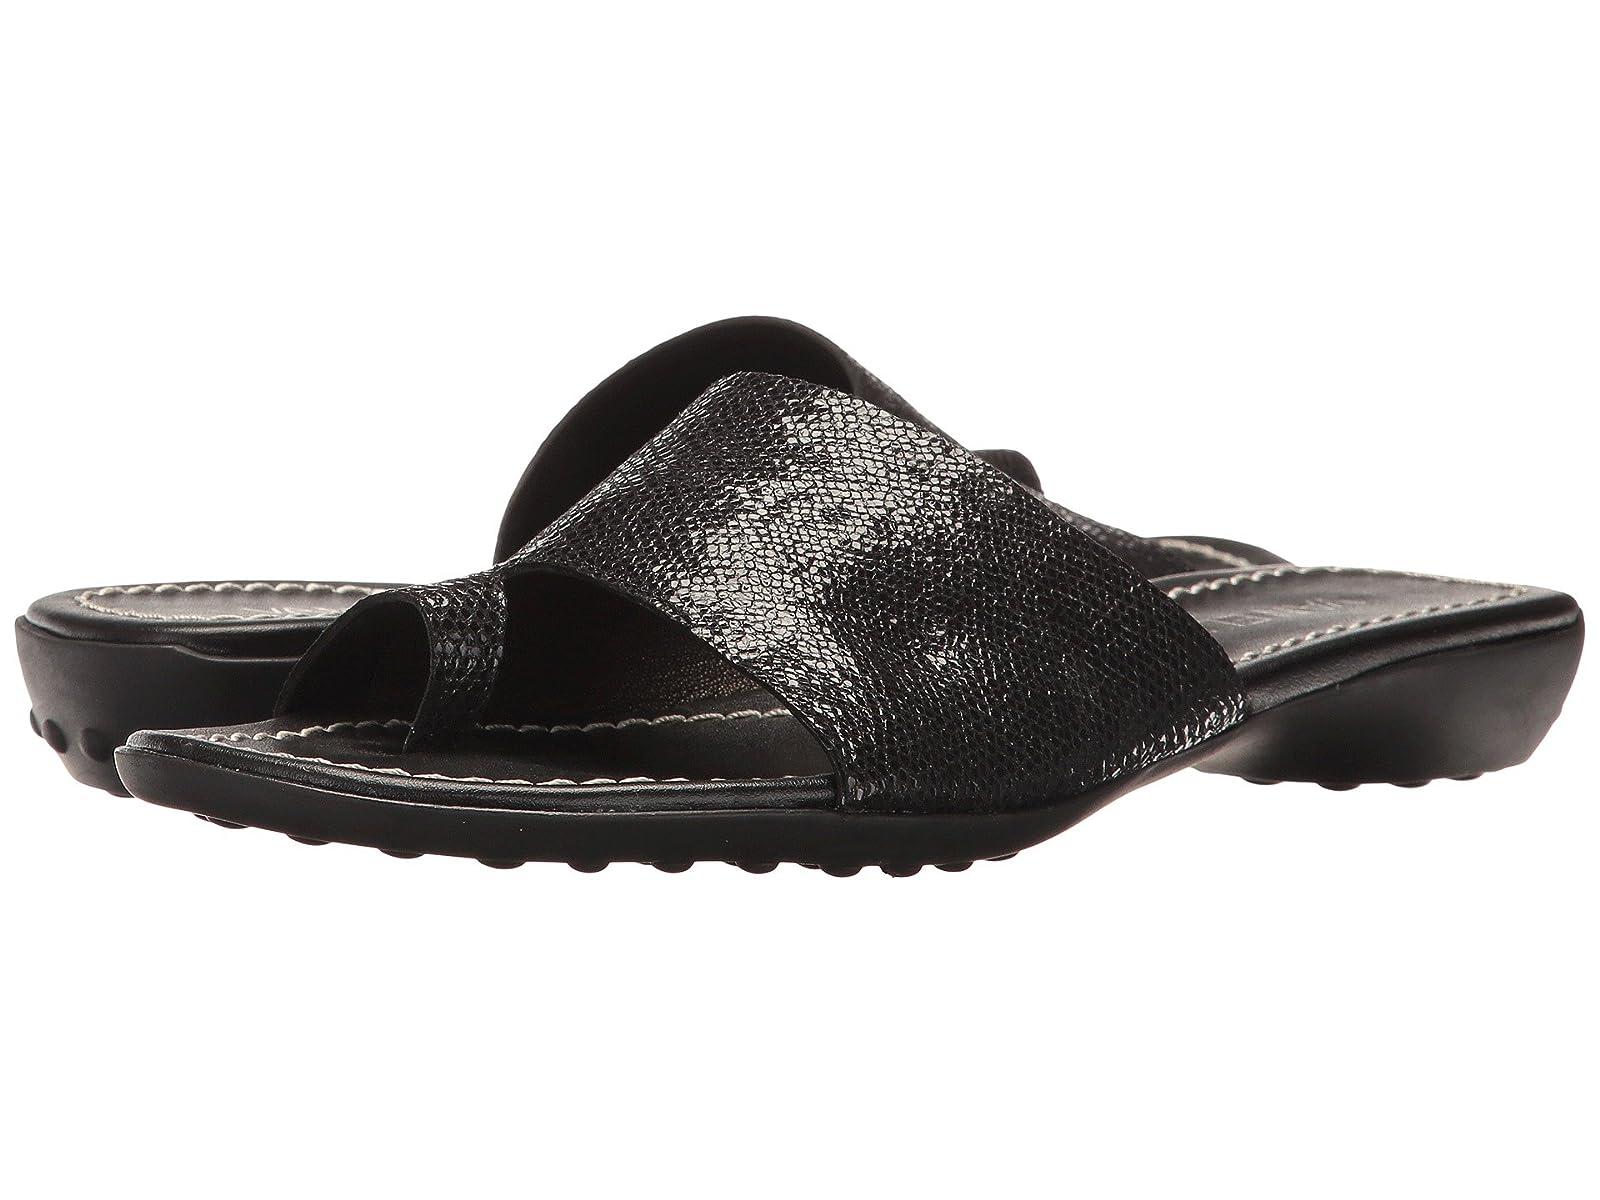 Vaneli TallisAtmospheric grades have affordable shoes